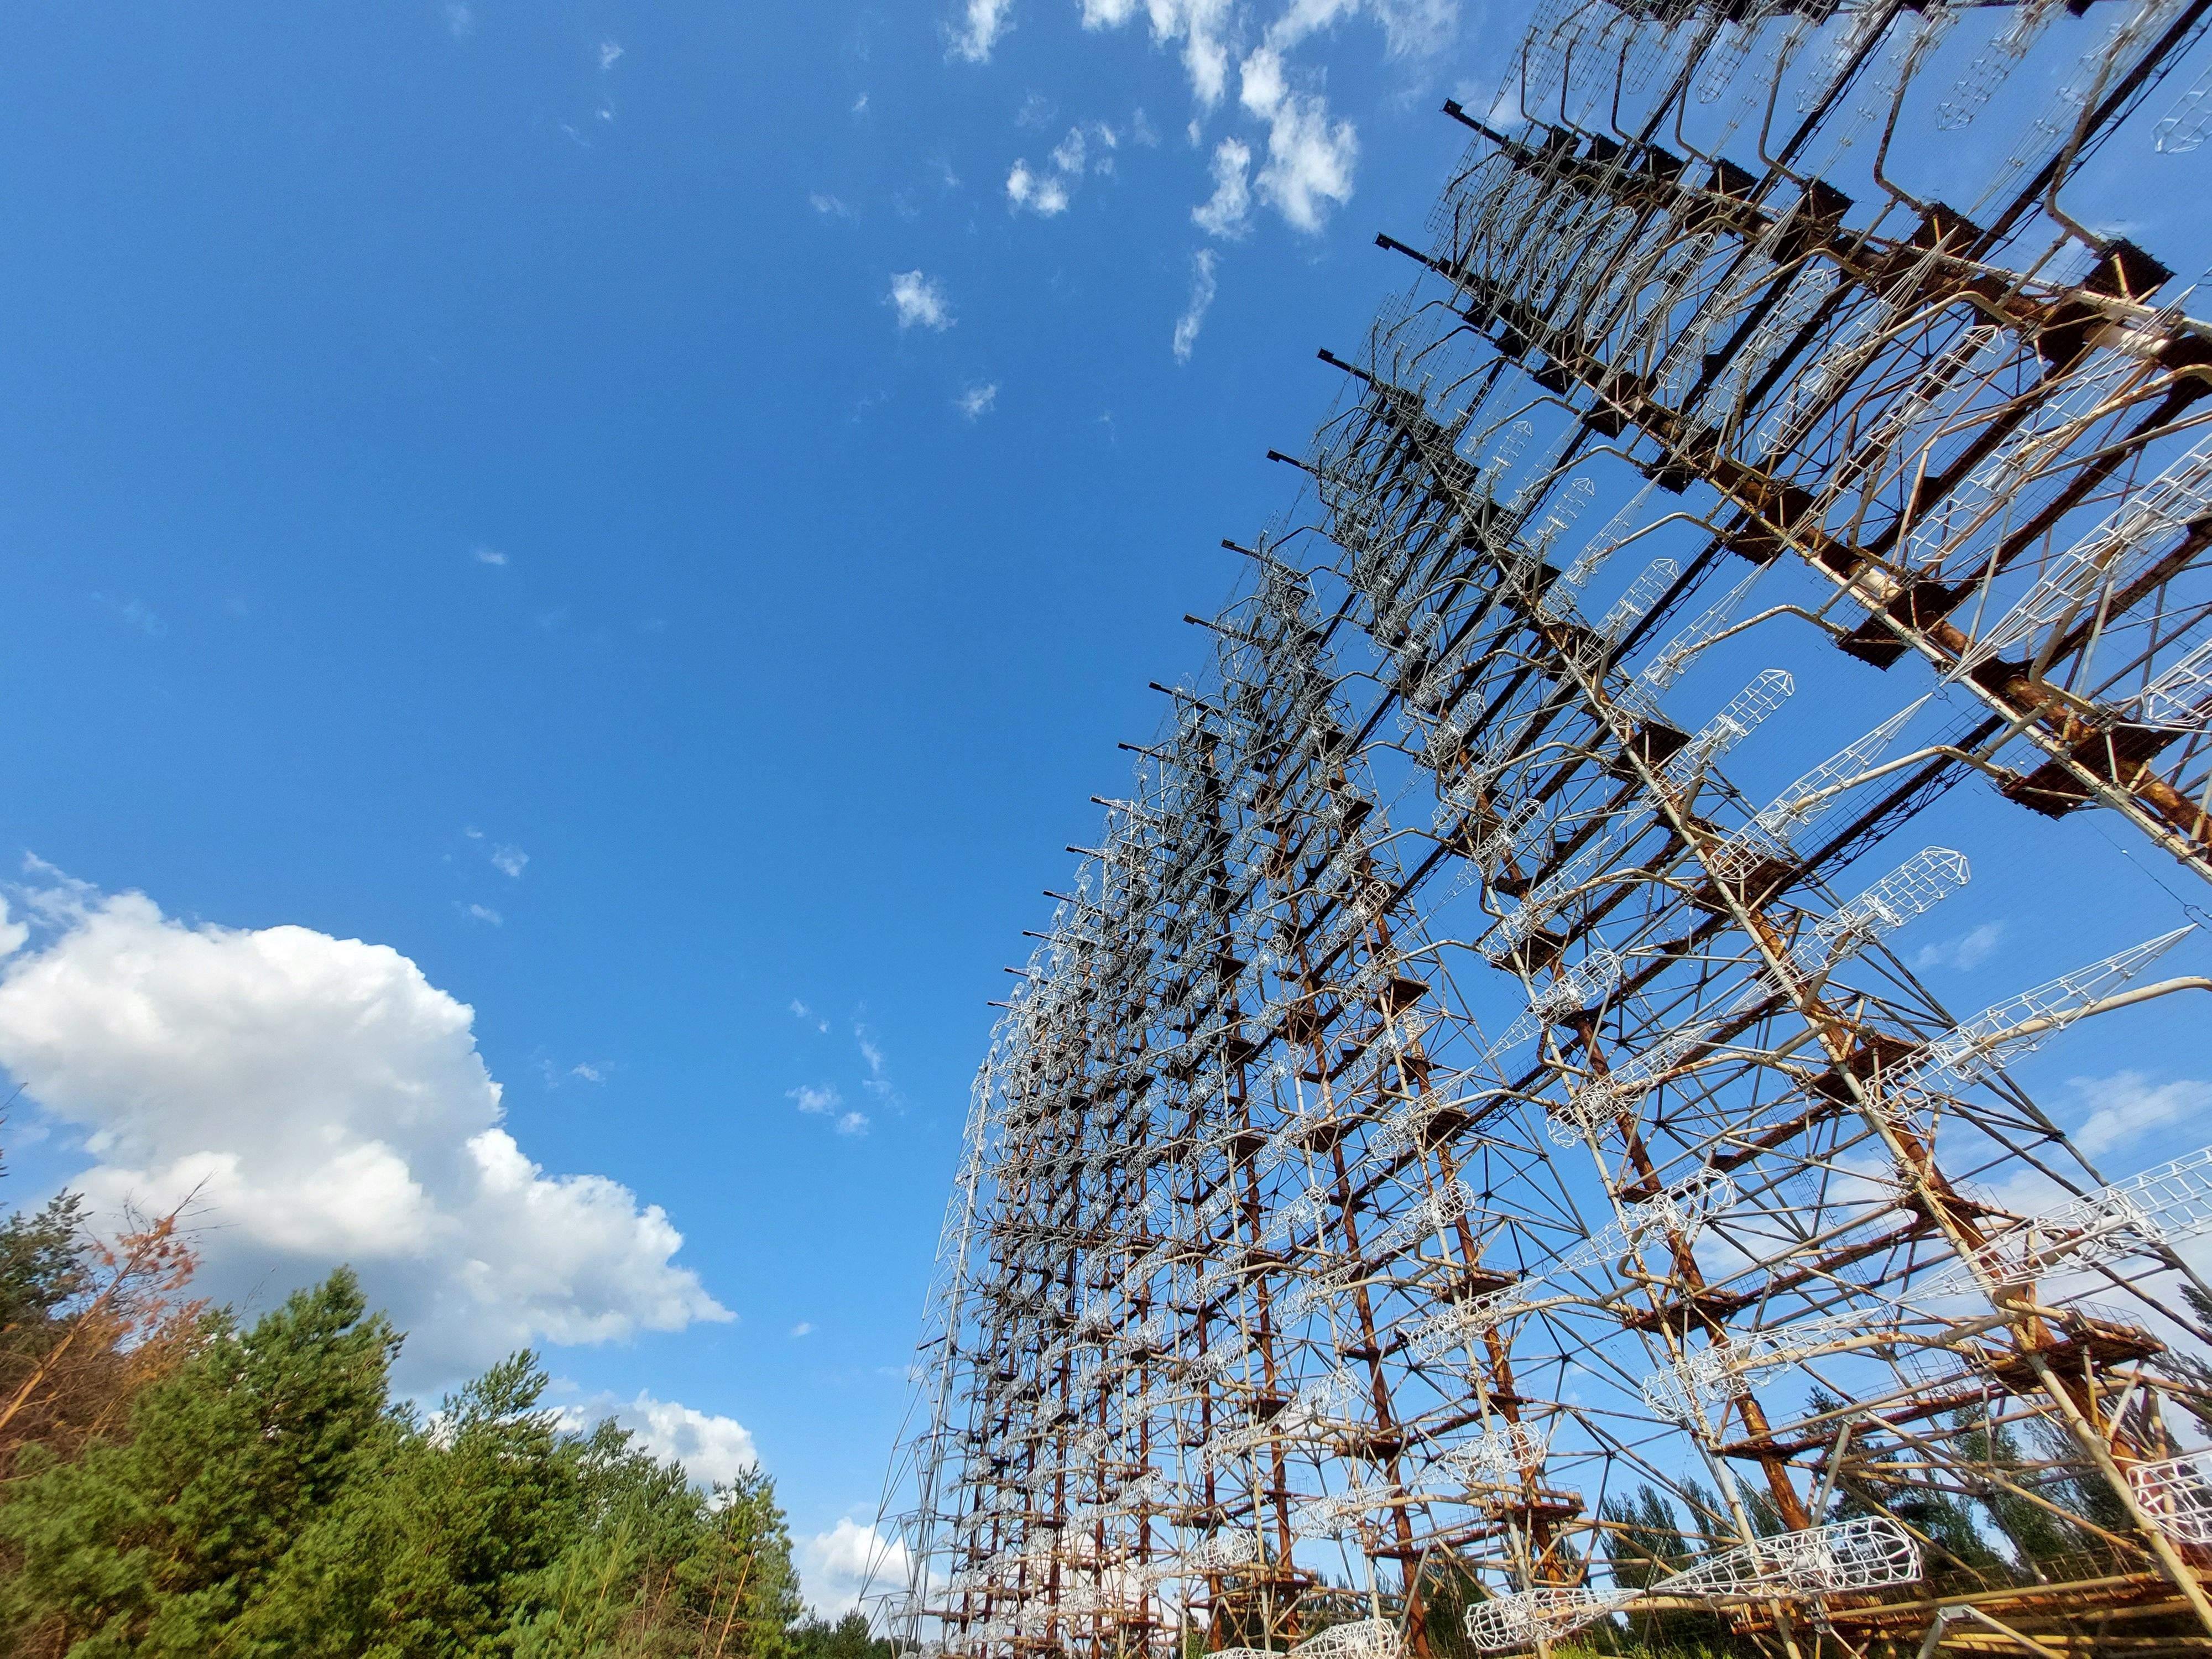 Загоризонтна радіолокаційна станція